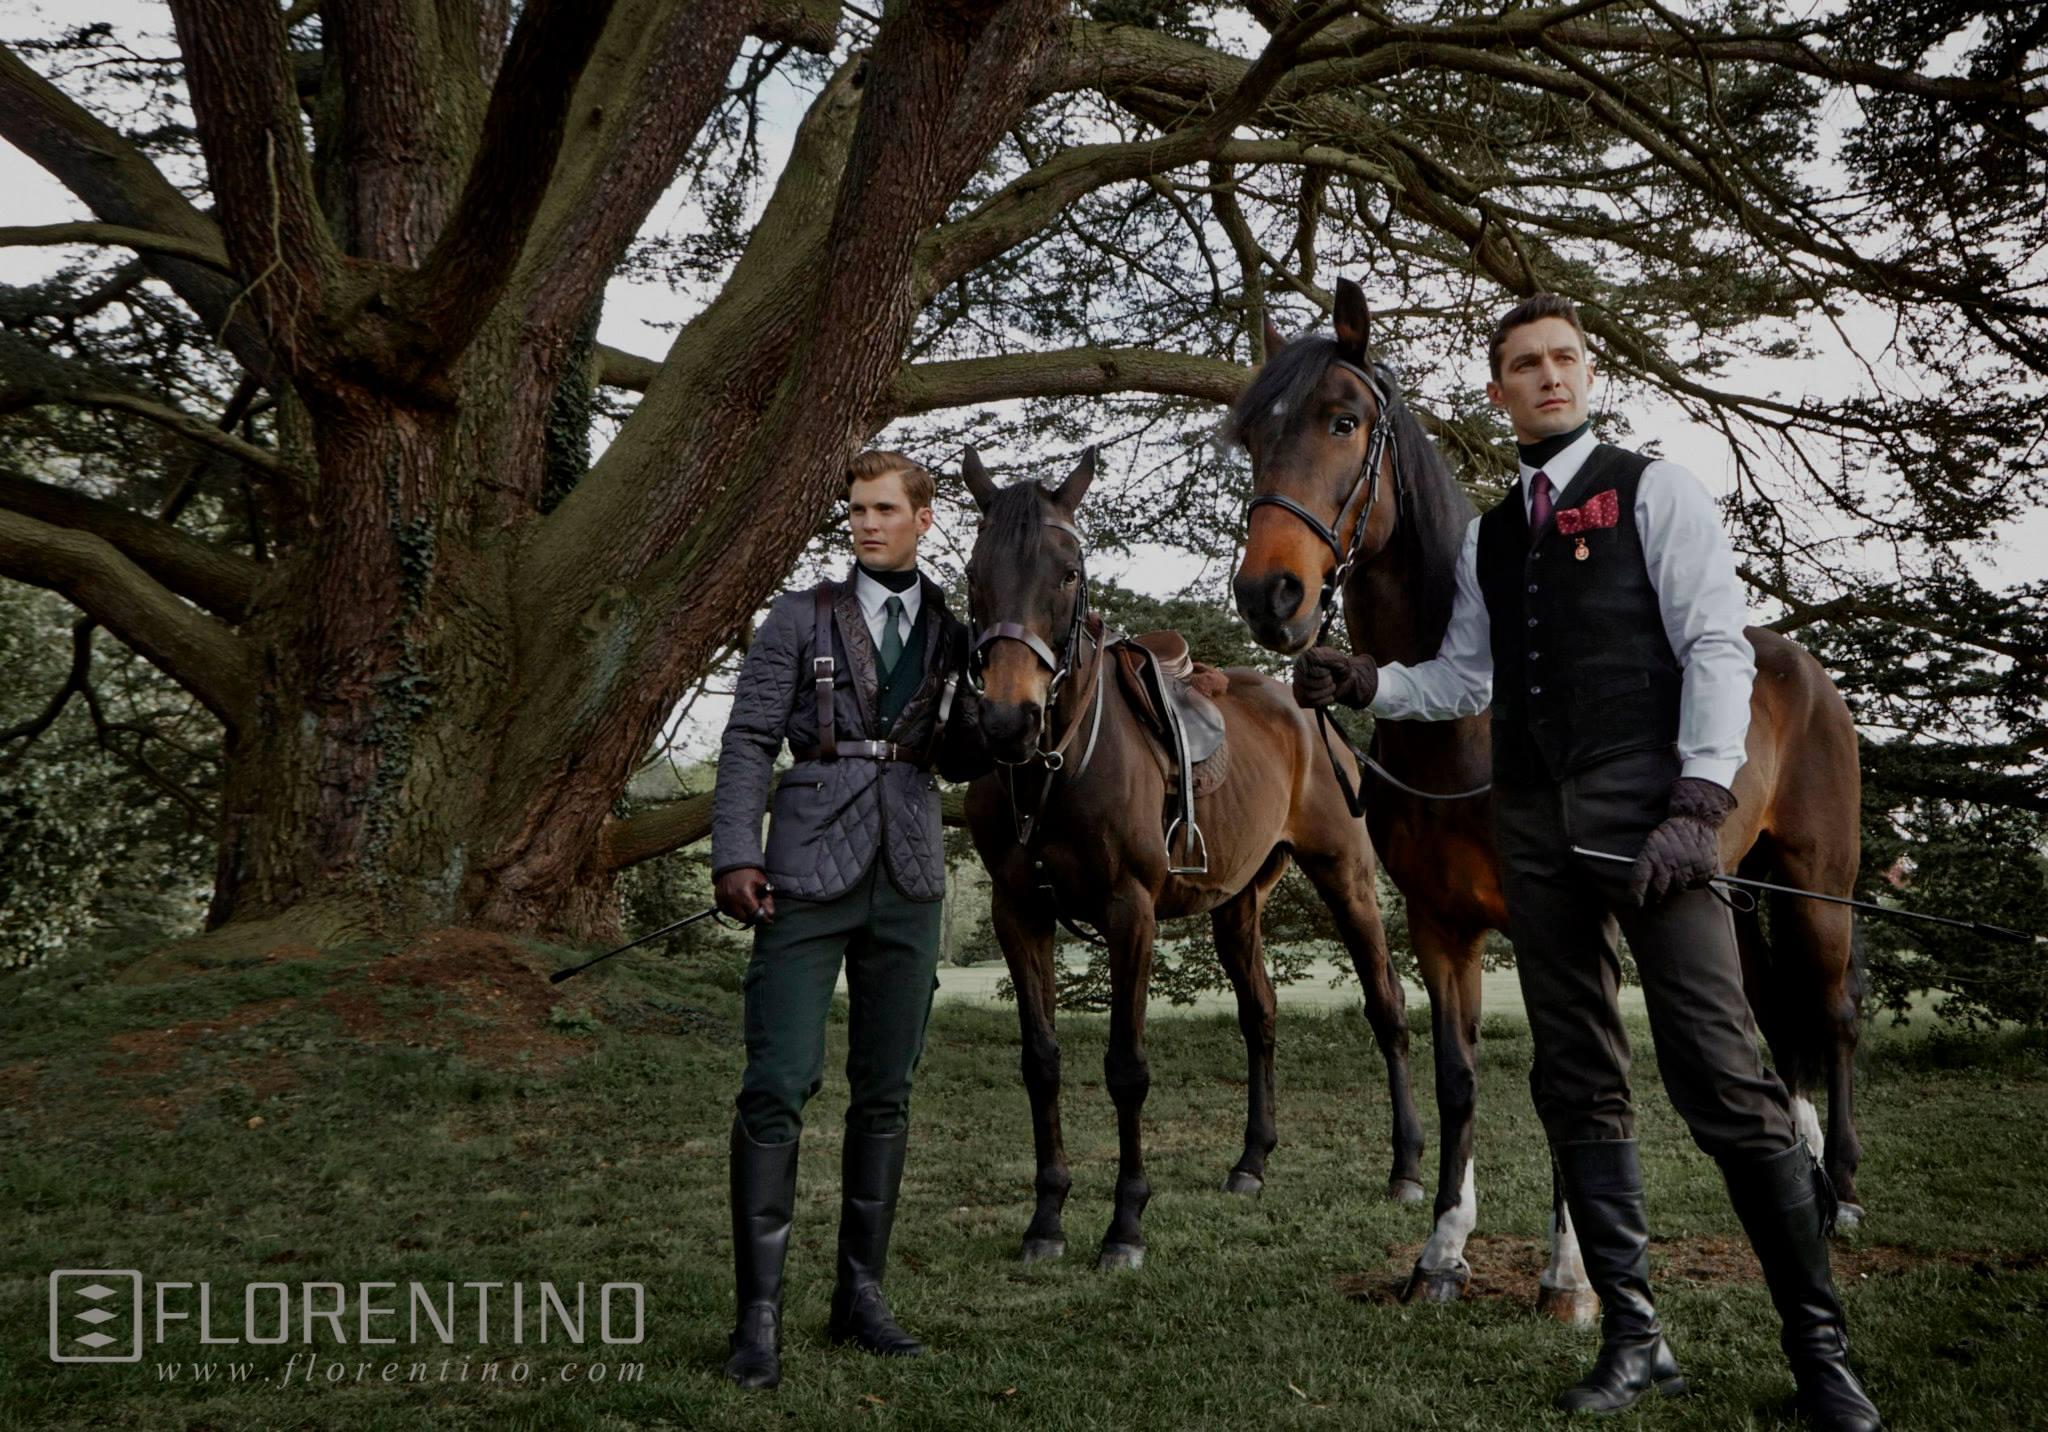 David Guillo & Lasse Hansen Star in Florentino Fall/Winter 2013 Campaign